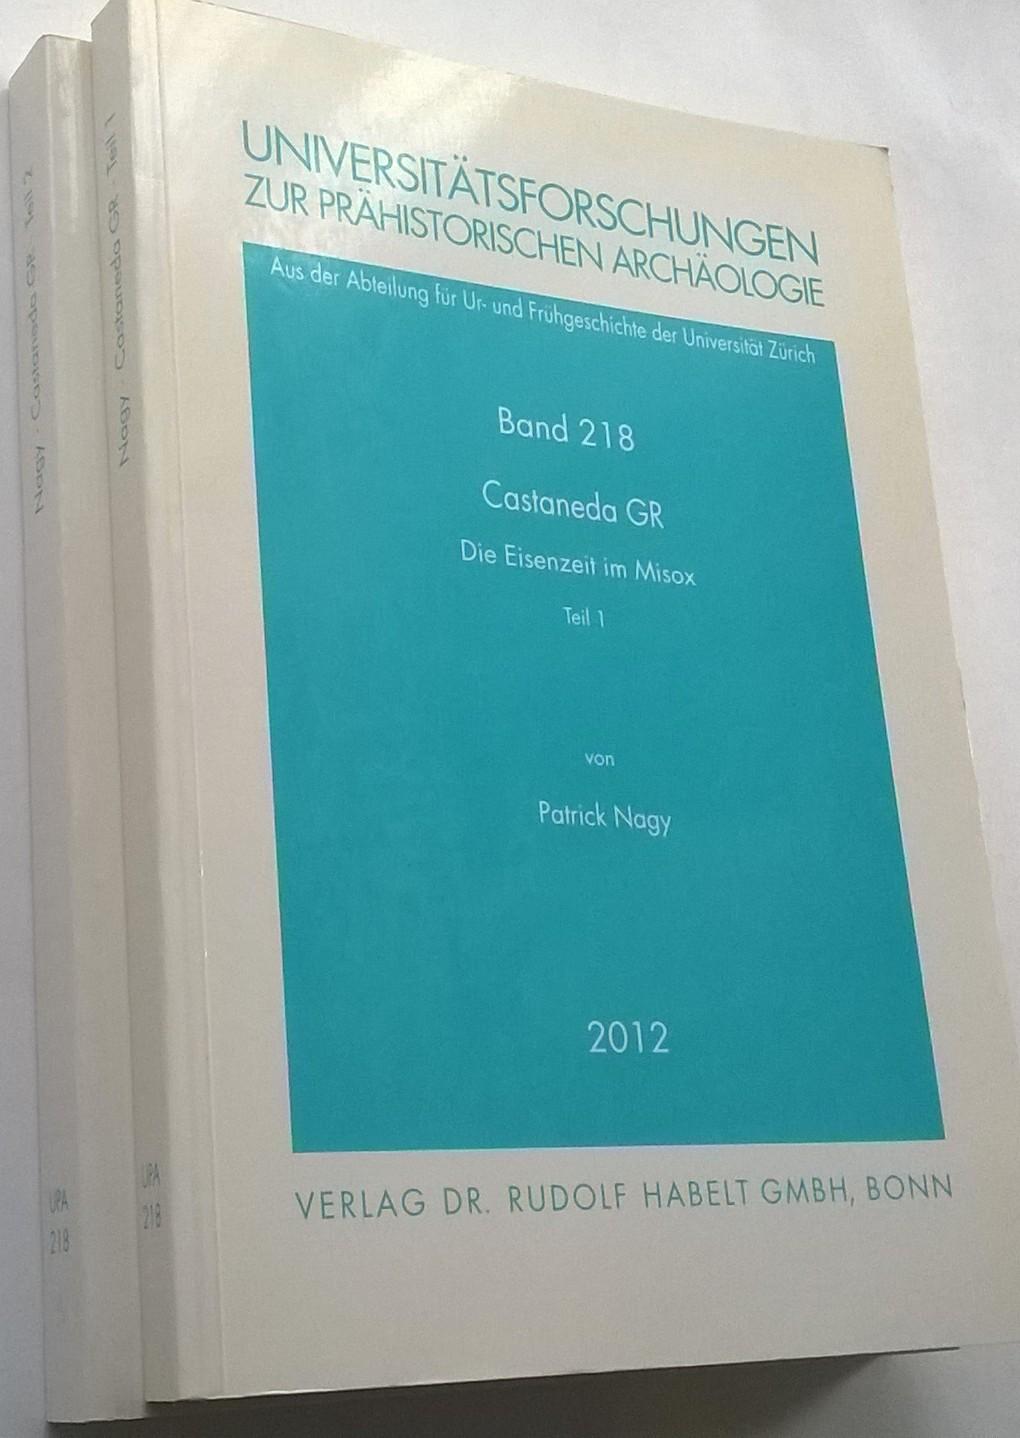 Universitatsforschungen sur Prahistorischen Archaologie Band 218 :Castaneda GR Die Eisenzeit im Misox 2 Parts, Nagy, Patrick ;